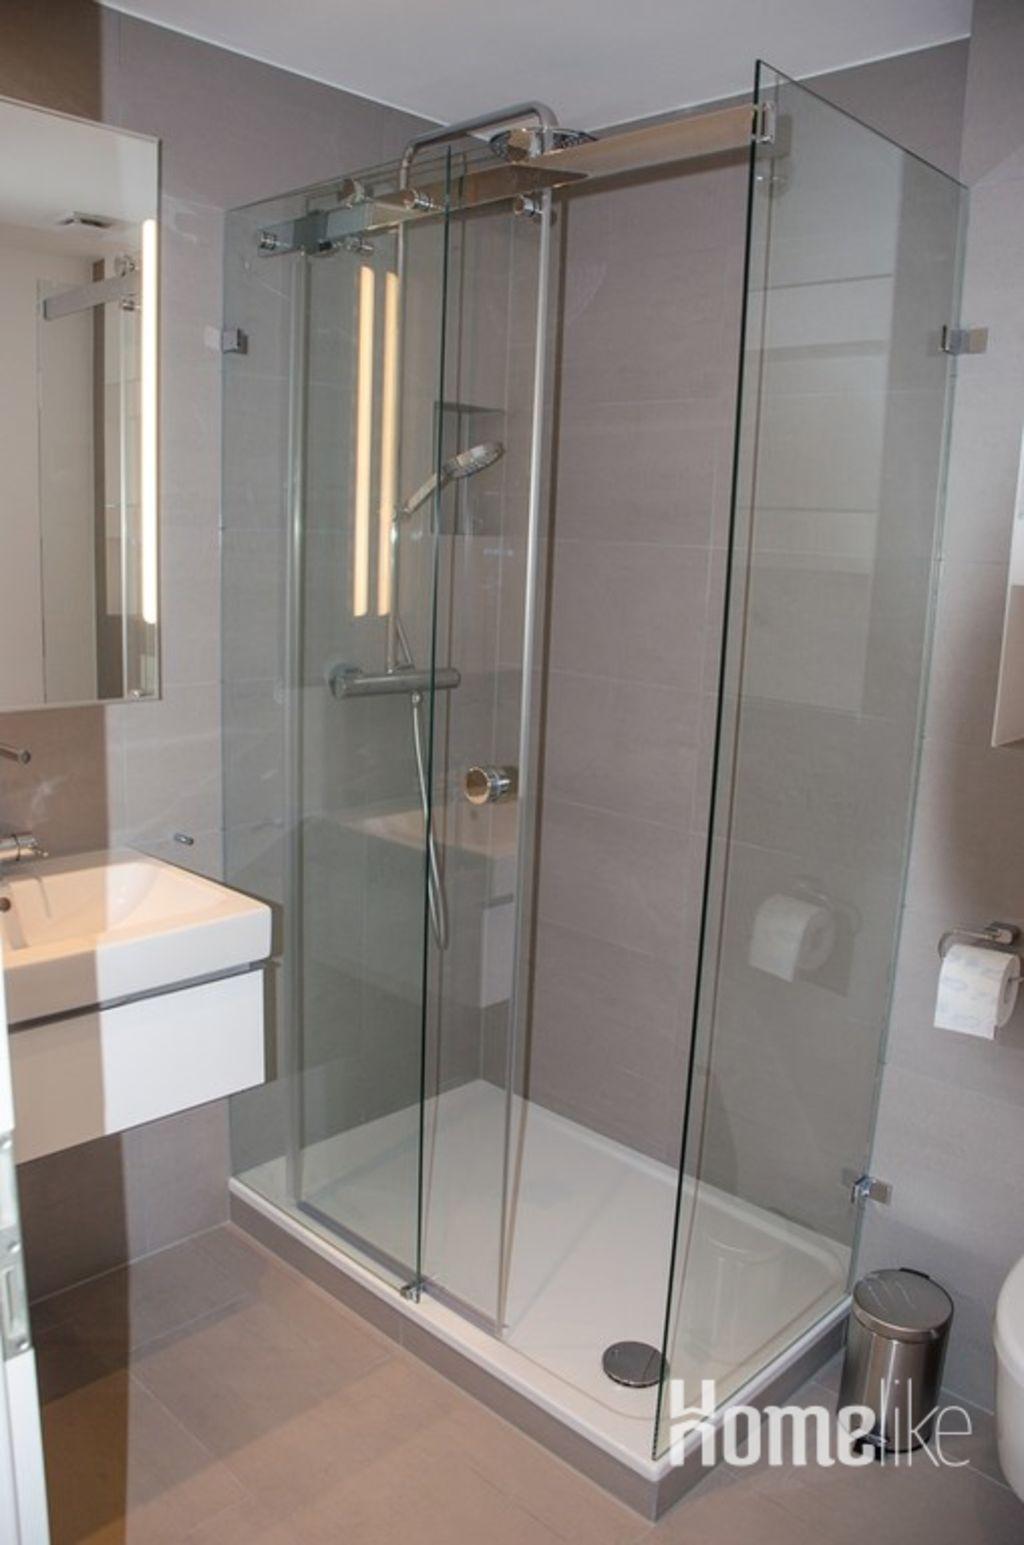 image 5 furnished 1 bedroom Apartment for rent in Frankfurt (Oder), Frankfurt Brandenburg